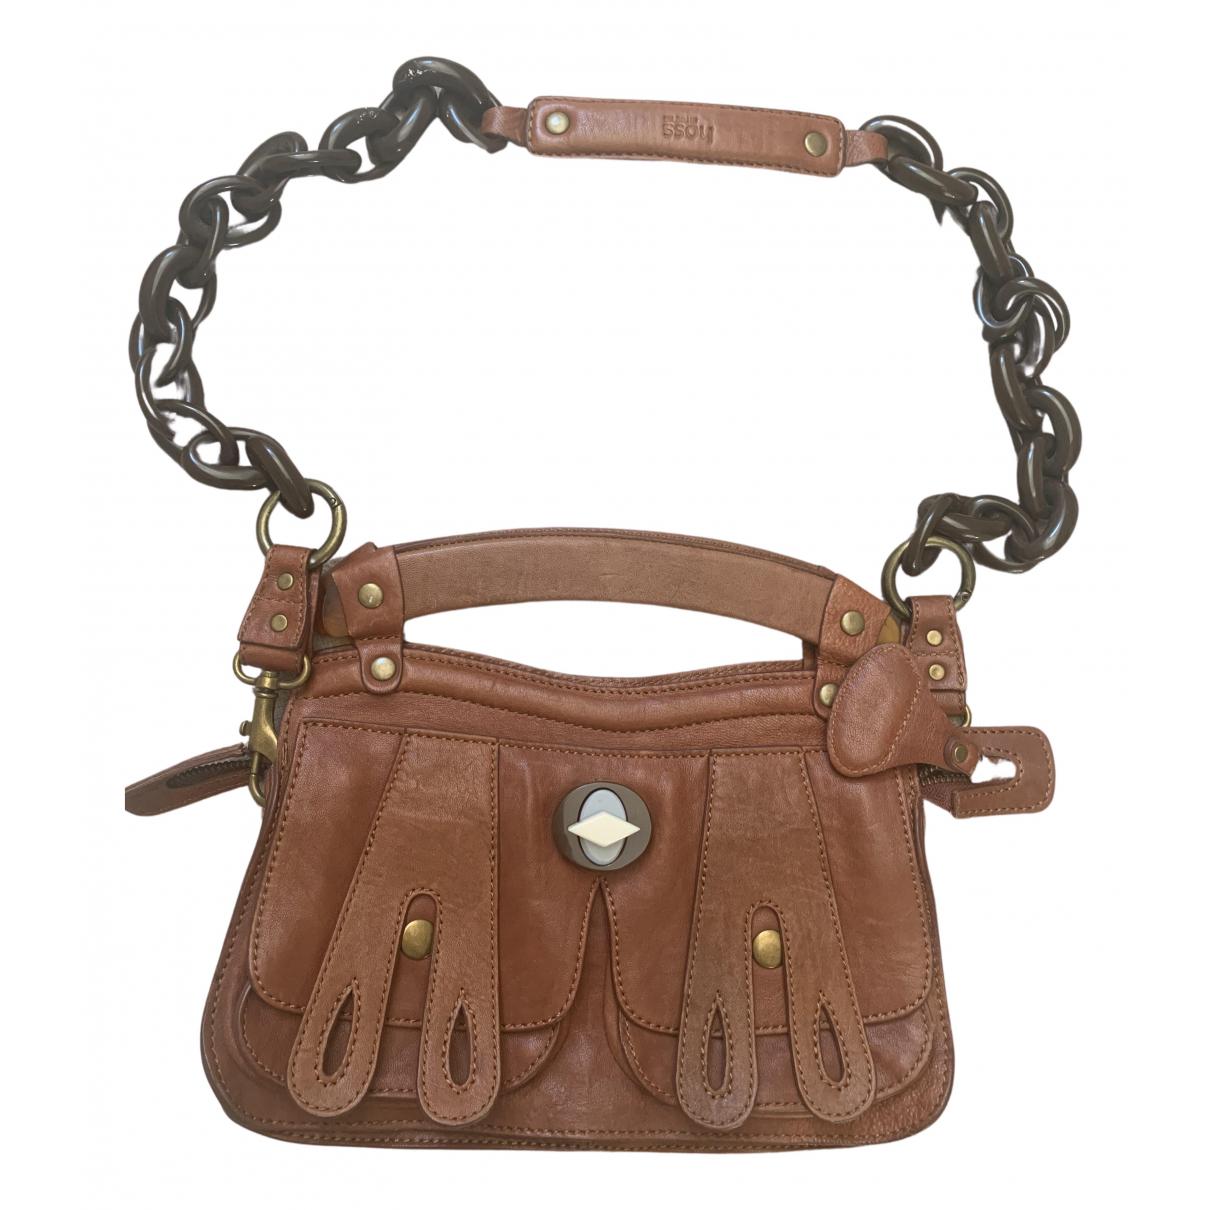 Hoss Intropia \N Handtasche in  Braun Leder